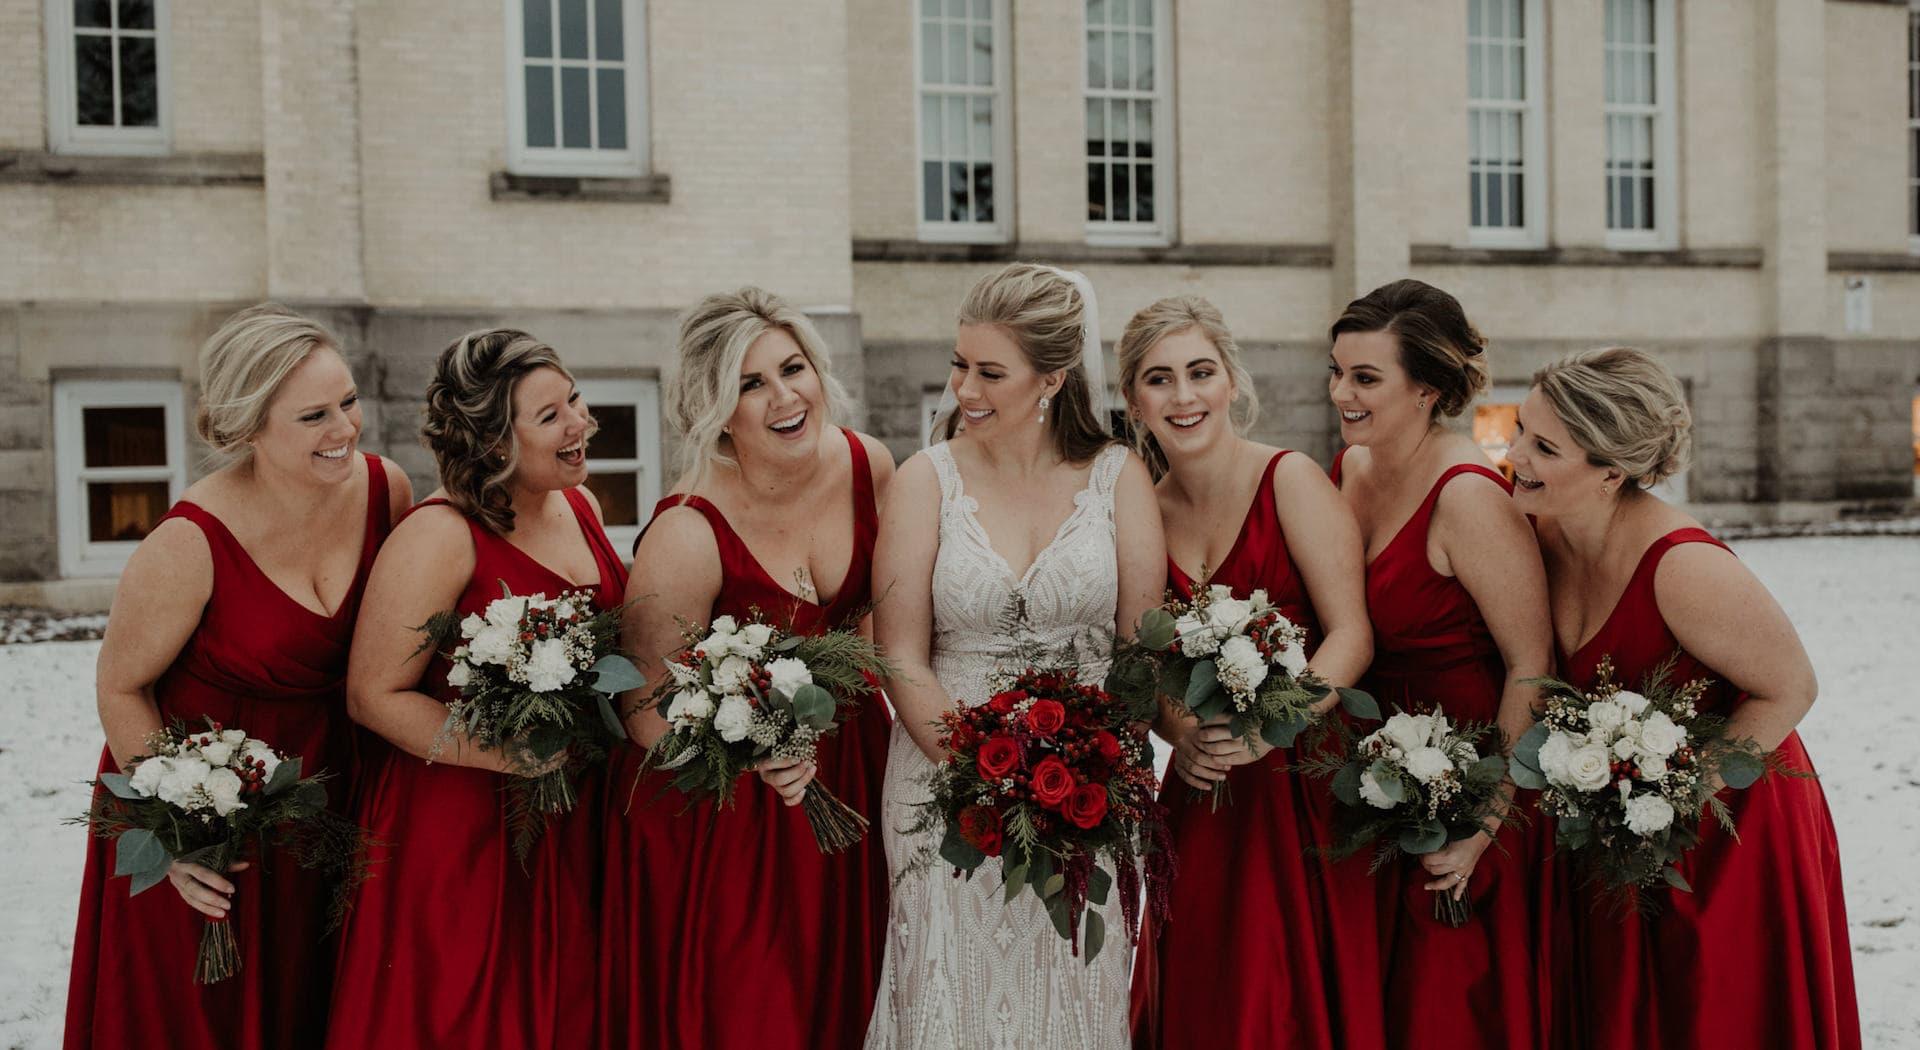 Kirkbride Hall wedding